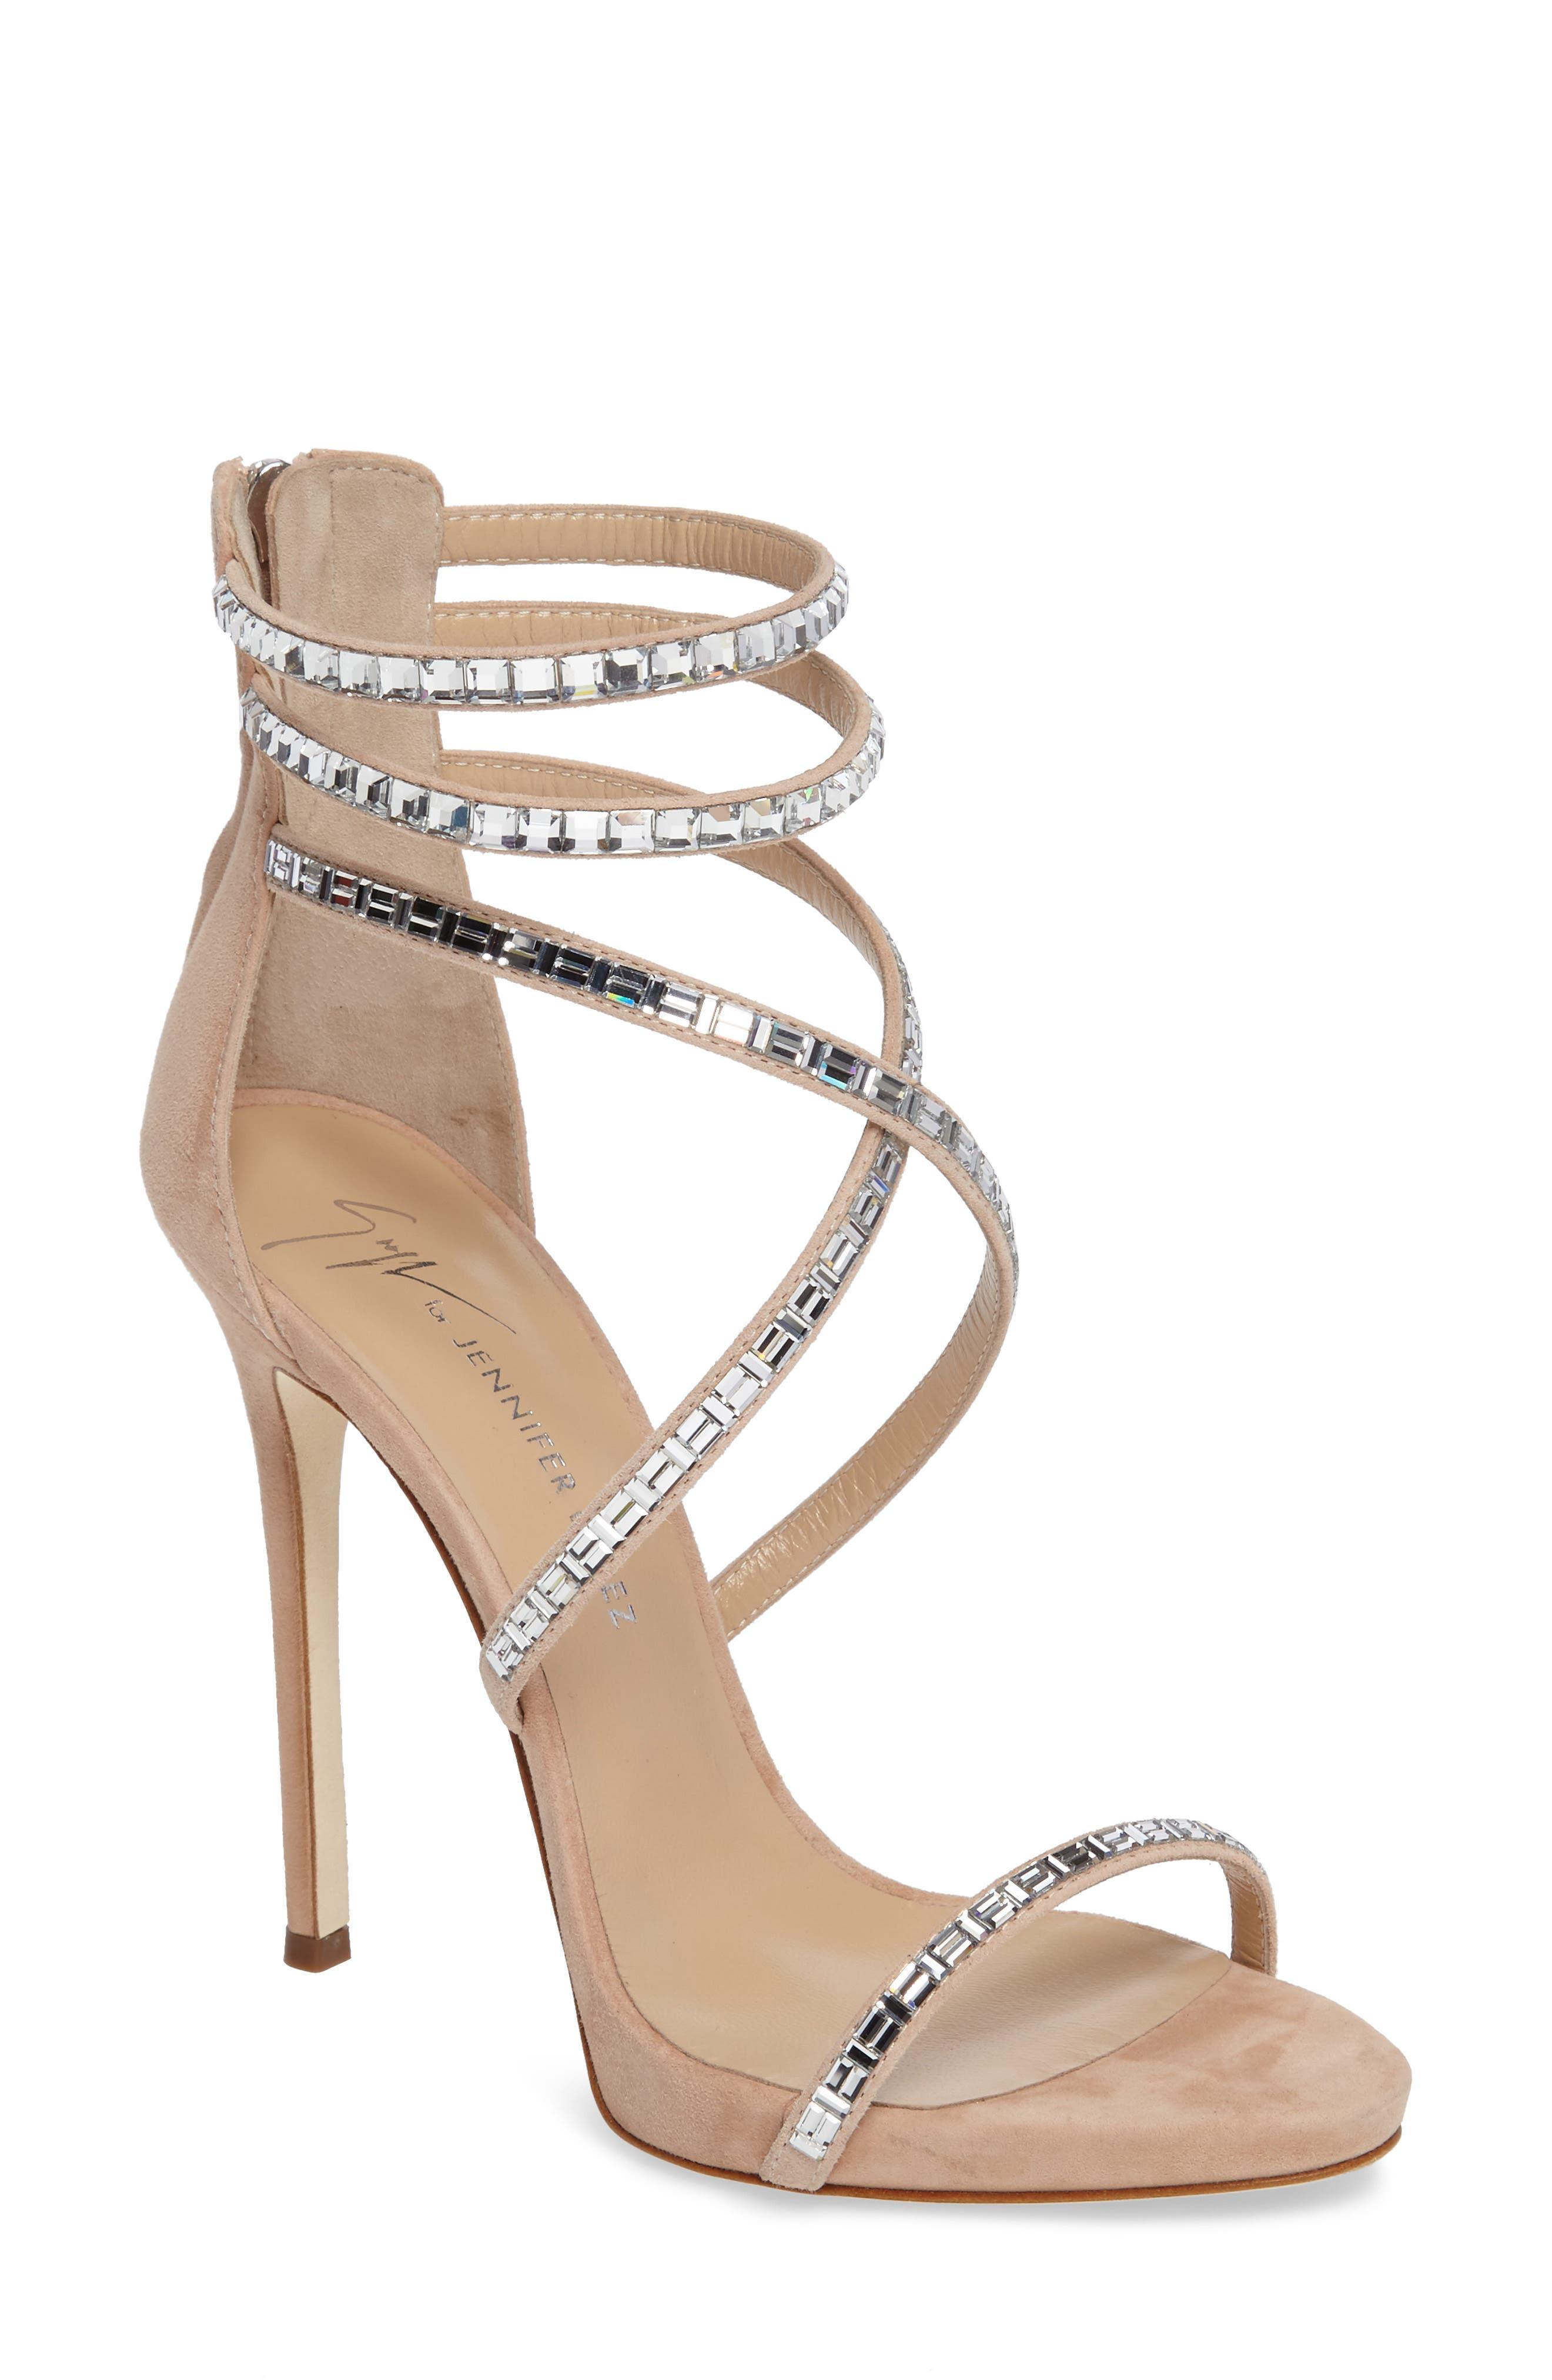 Main Image - Giuseppe for Jennifer Lopez Strappy Sandal (Women)